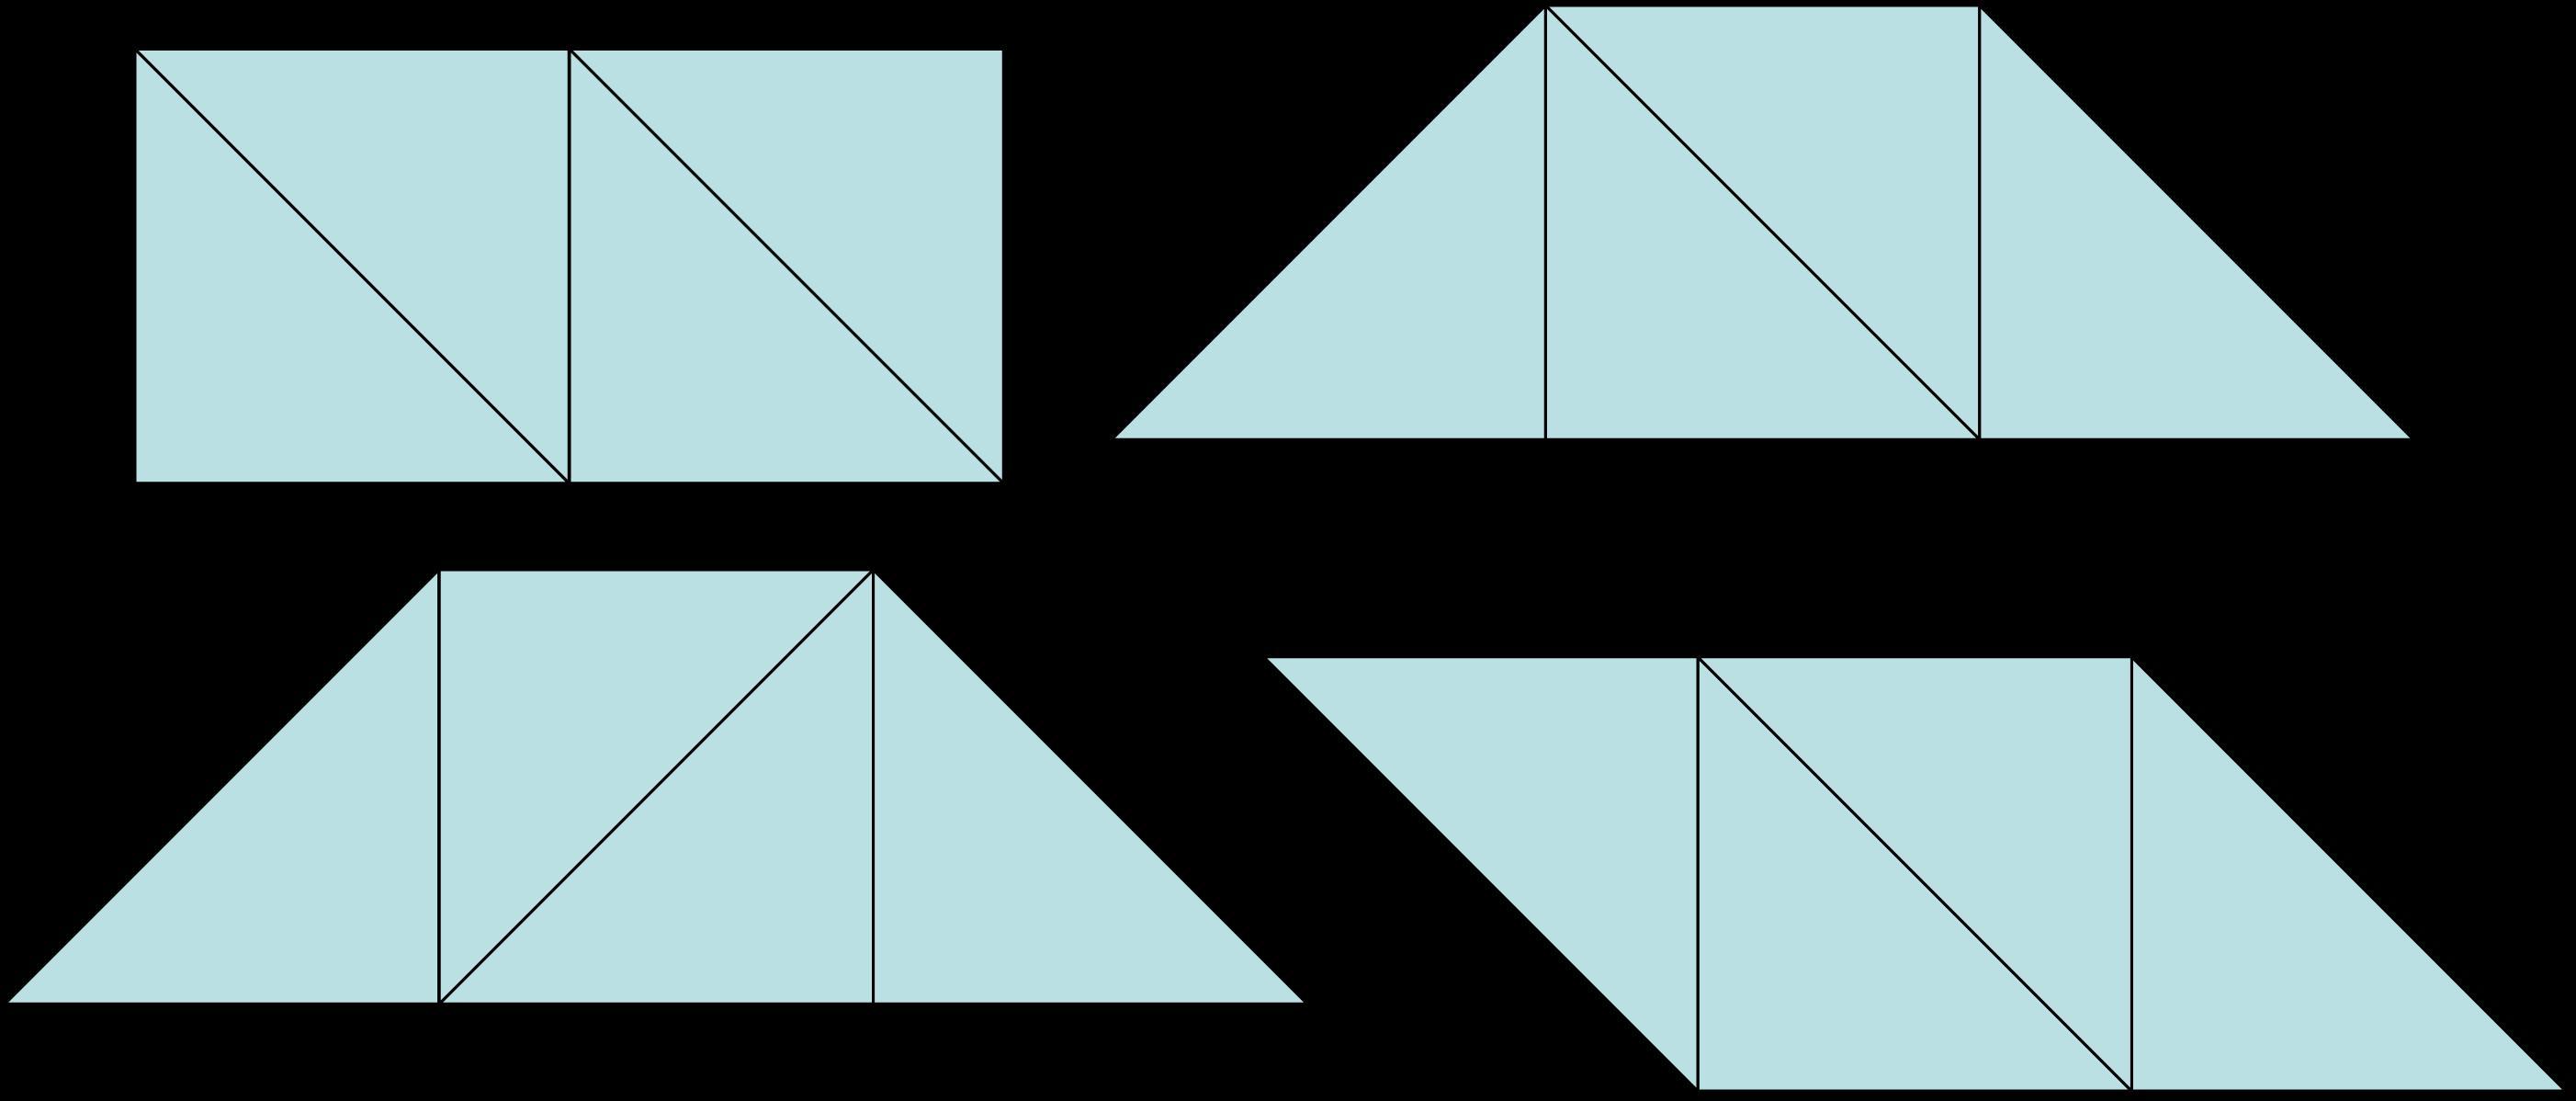 好大一个长方形剪成两个相同的正方形后周长增加了图片